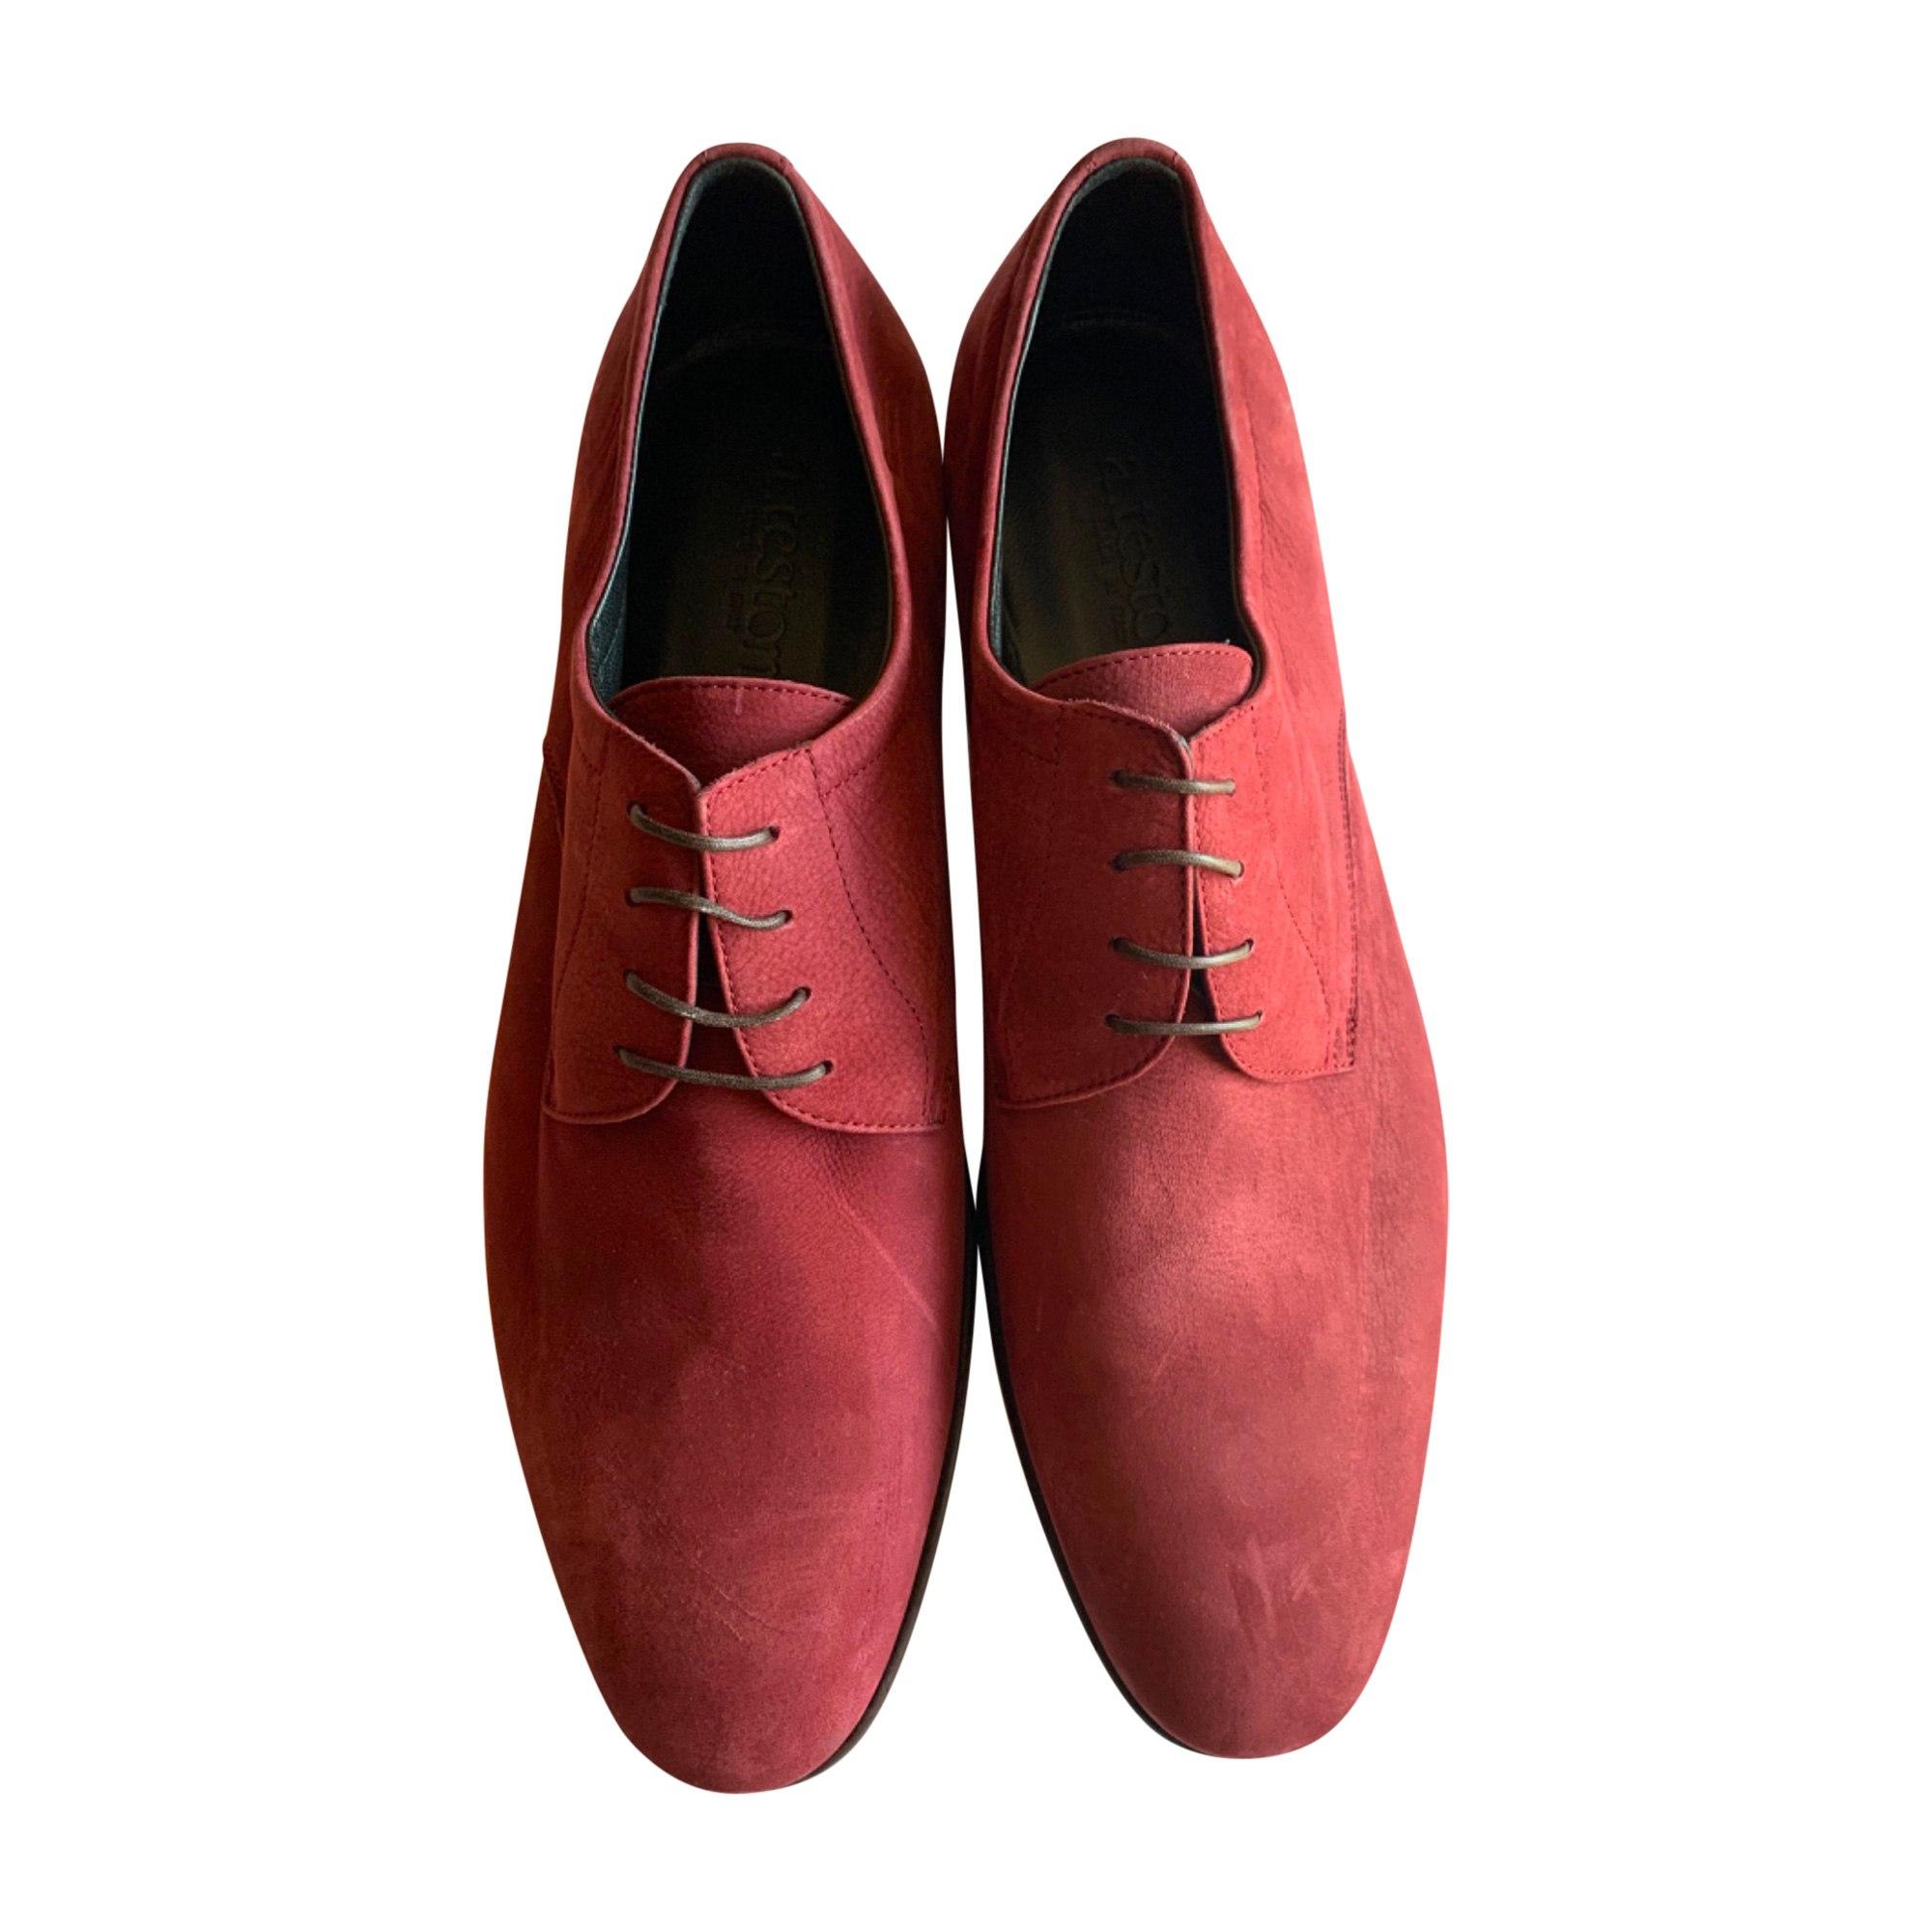 Chaussures à lacets SANTONI Rouge, bordeaux